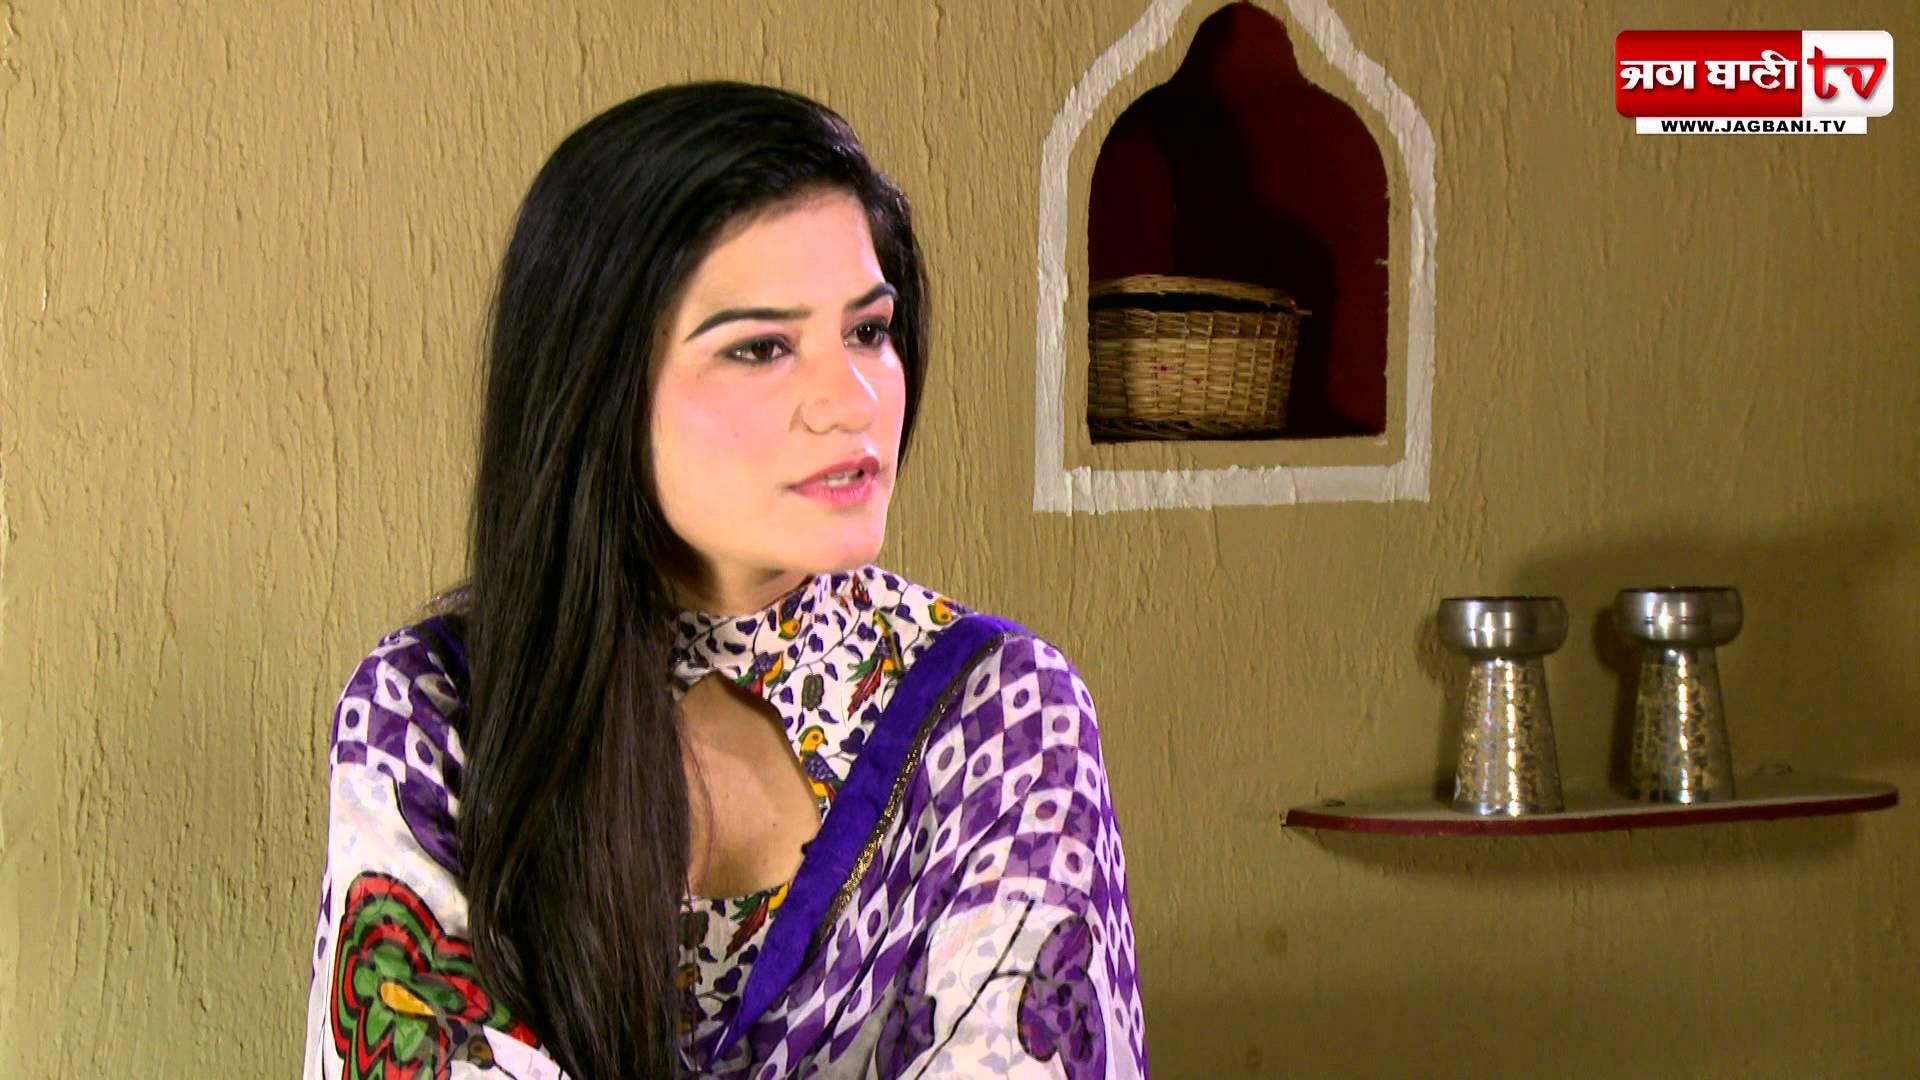 Baljinder Kaur Indian Actress, Singer